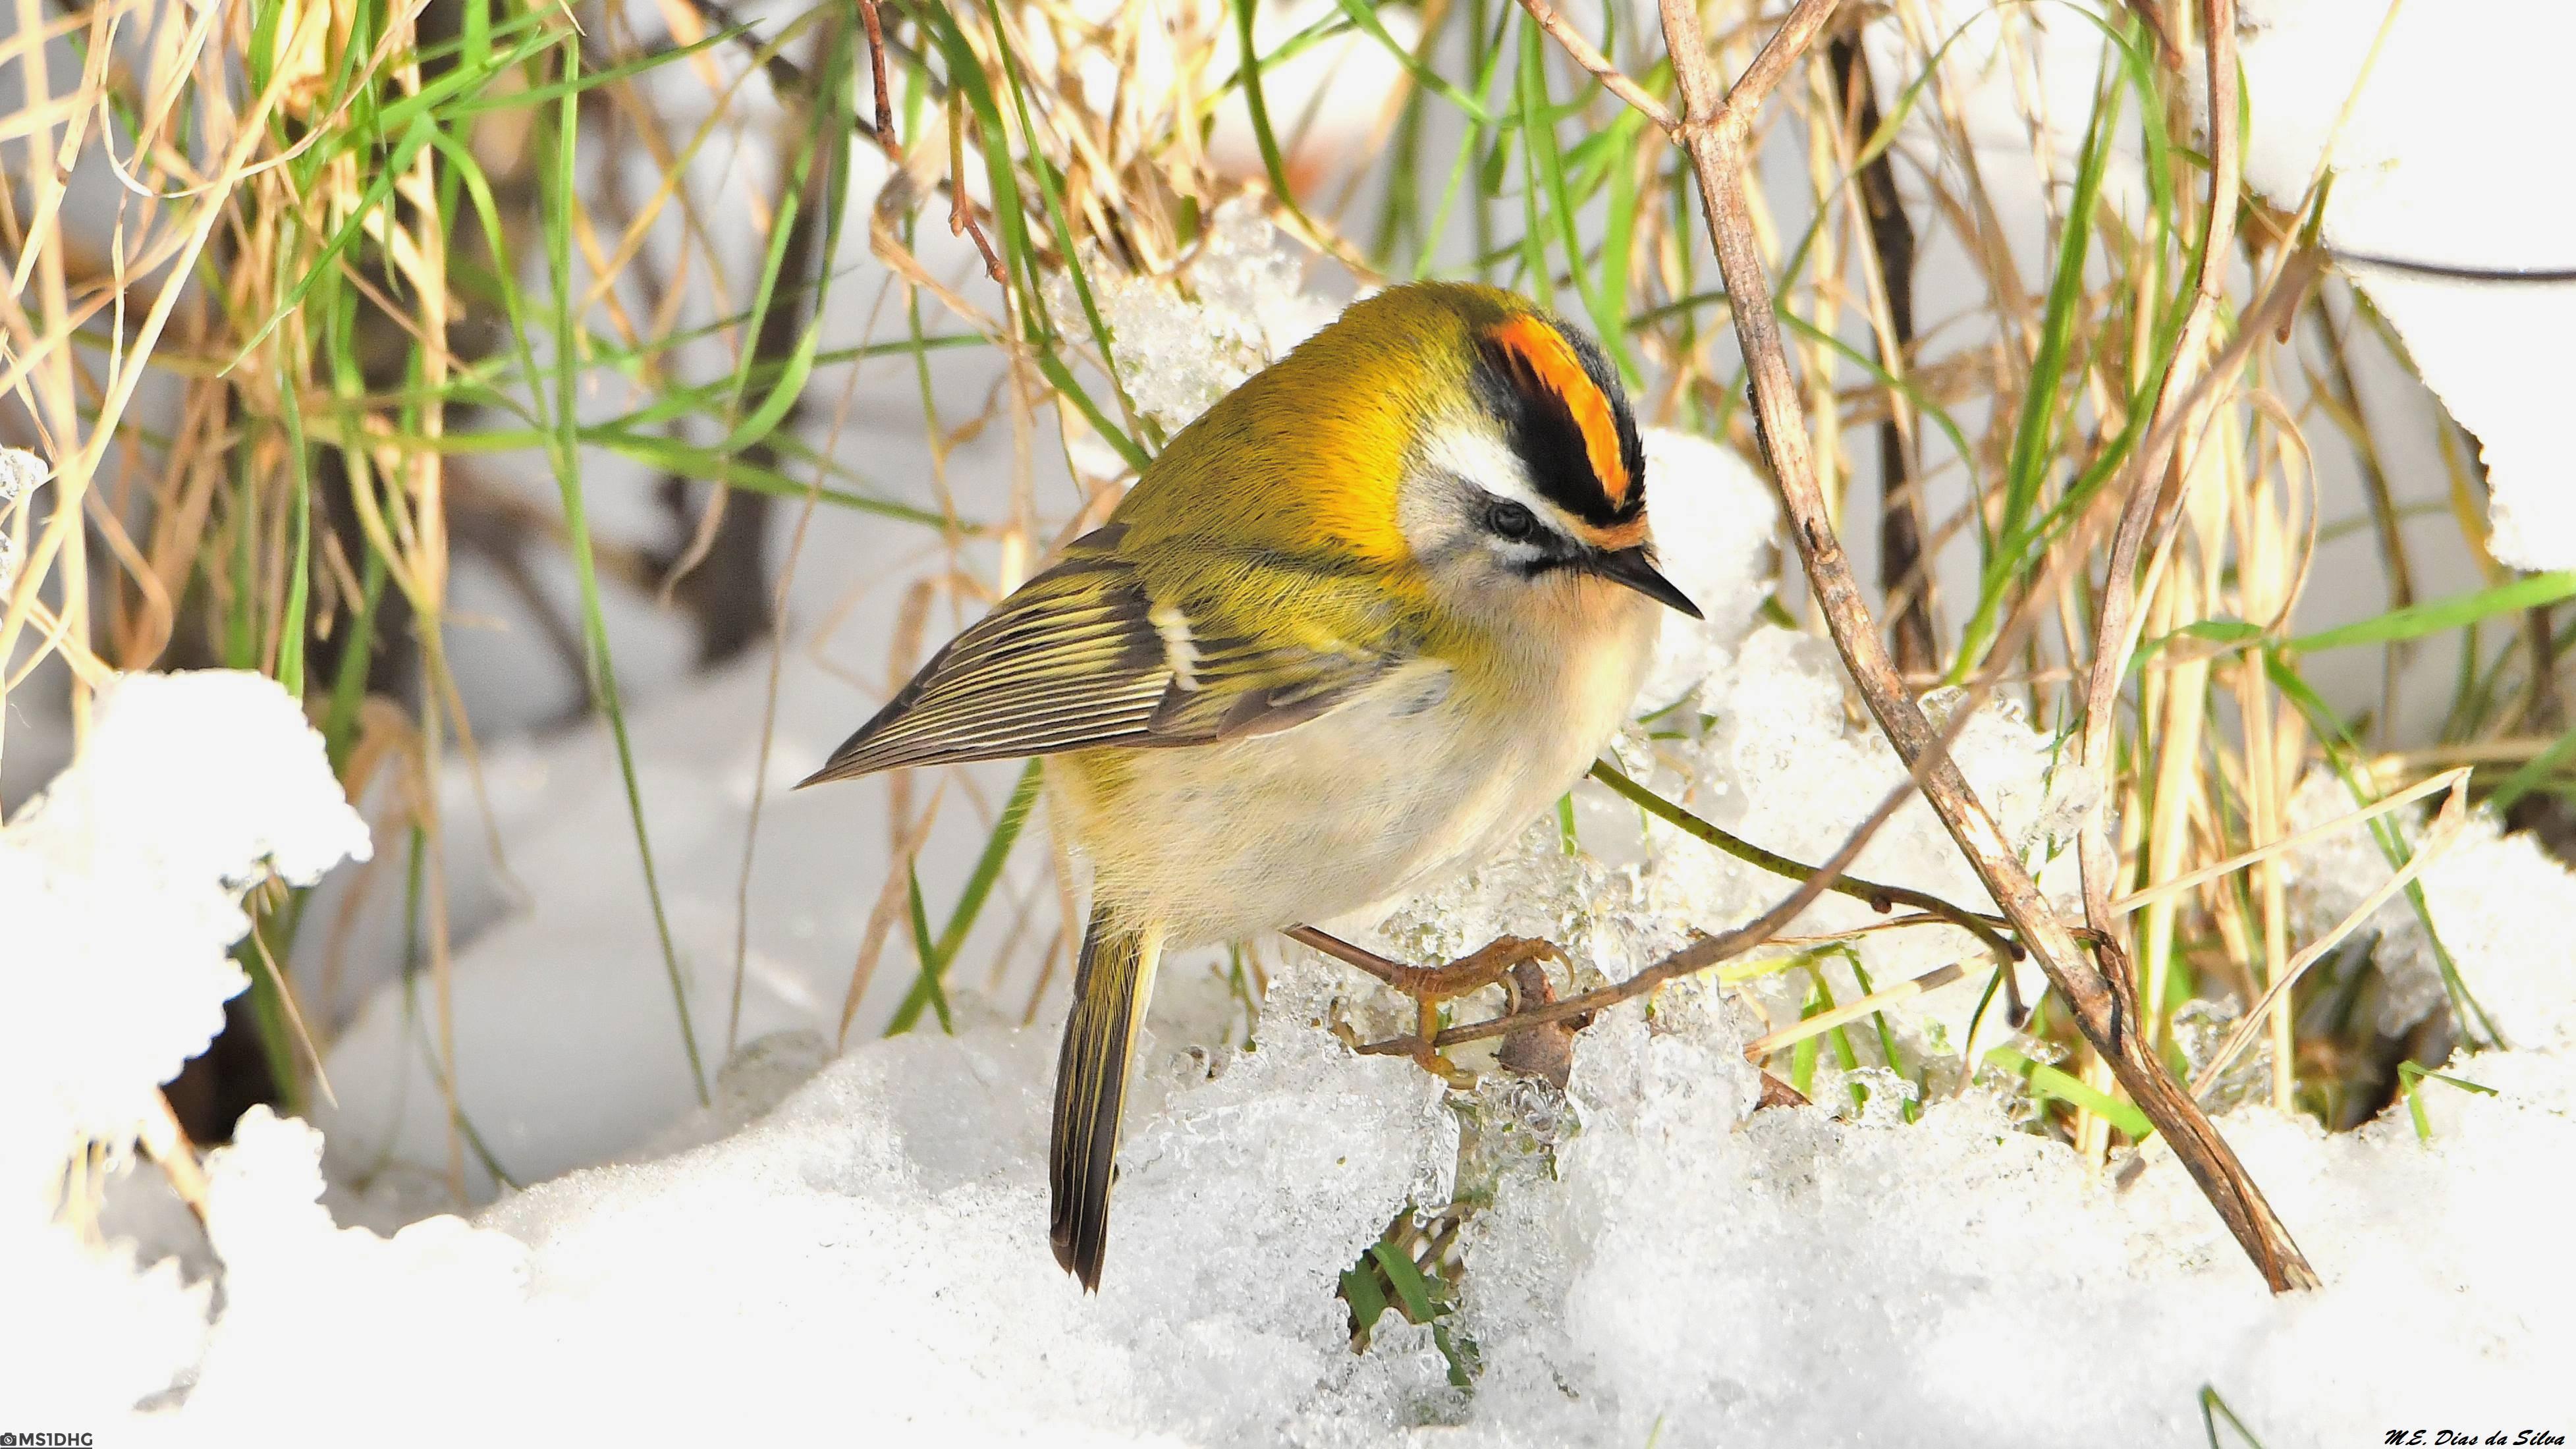 Fórum Aves - Birdwatching em Portugal - Portal Estrelinha-de-cabe%c3%a7a-listada%20(91)